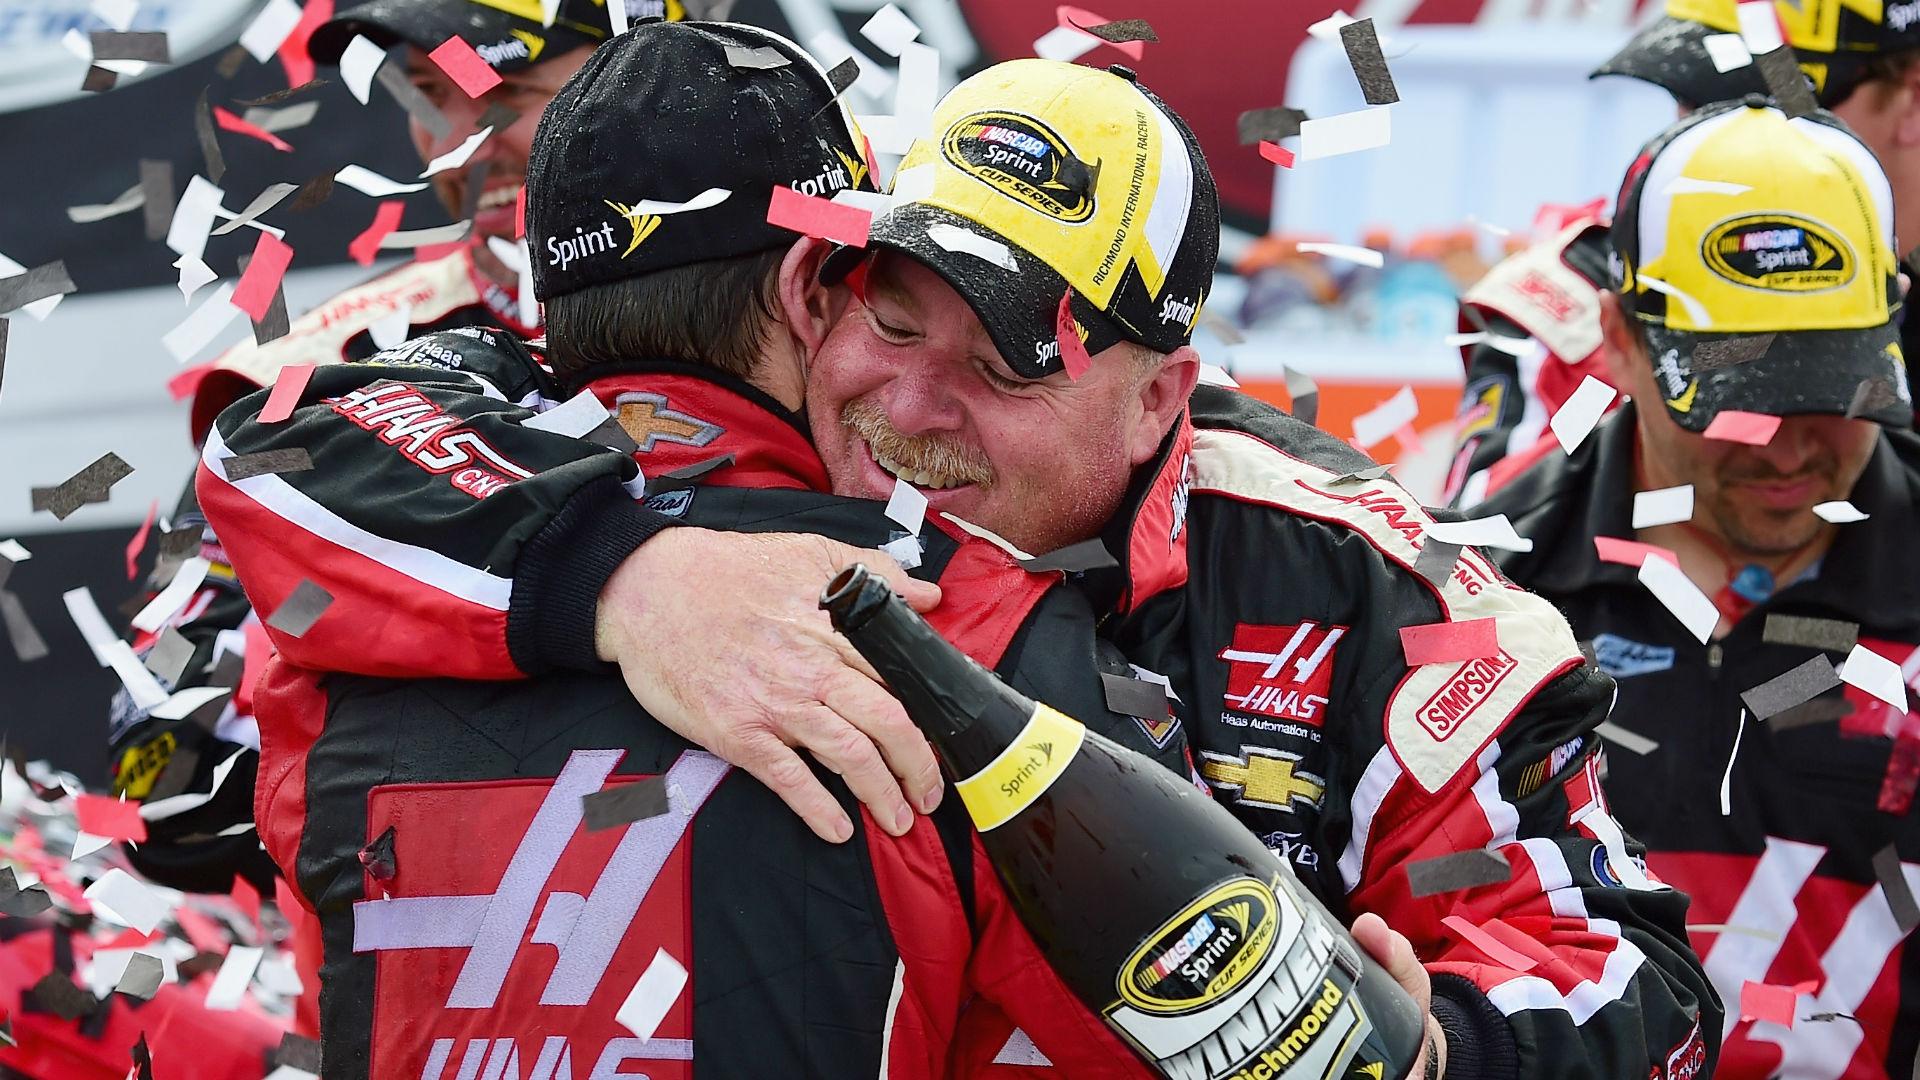 Kurt Busch reaping rewards of hard work, patience, teamwork following Richmond win